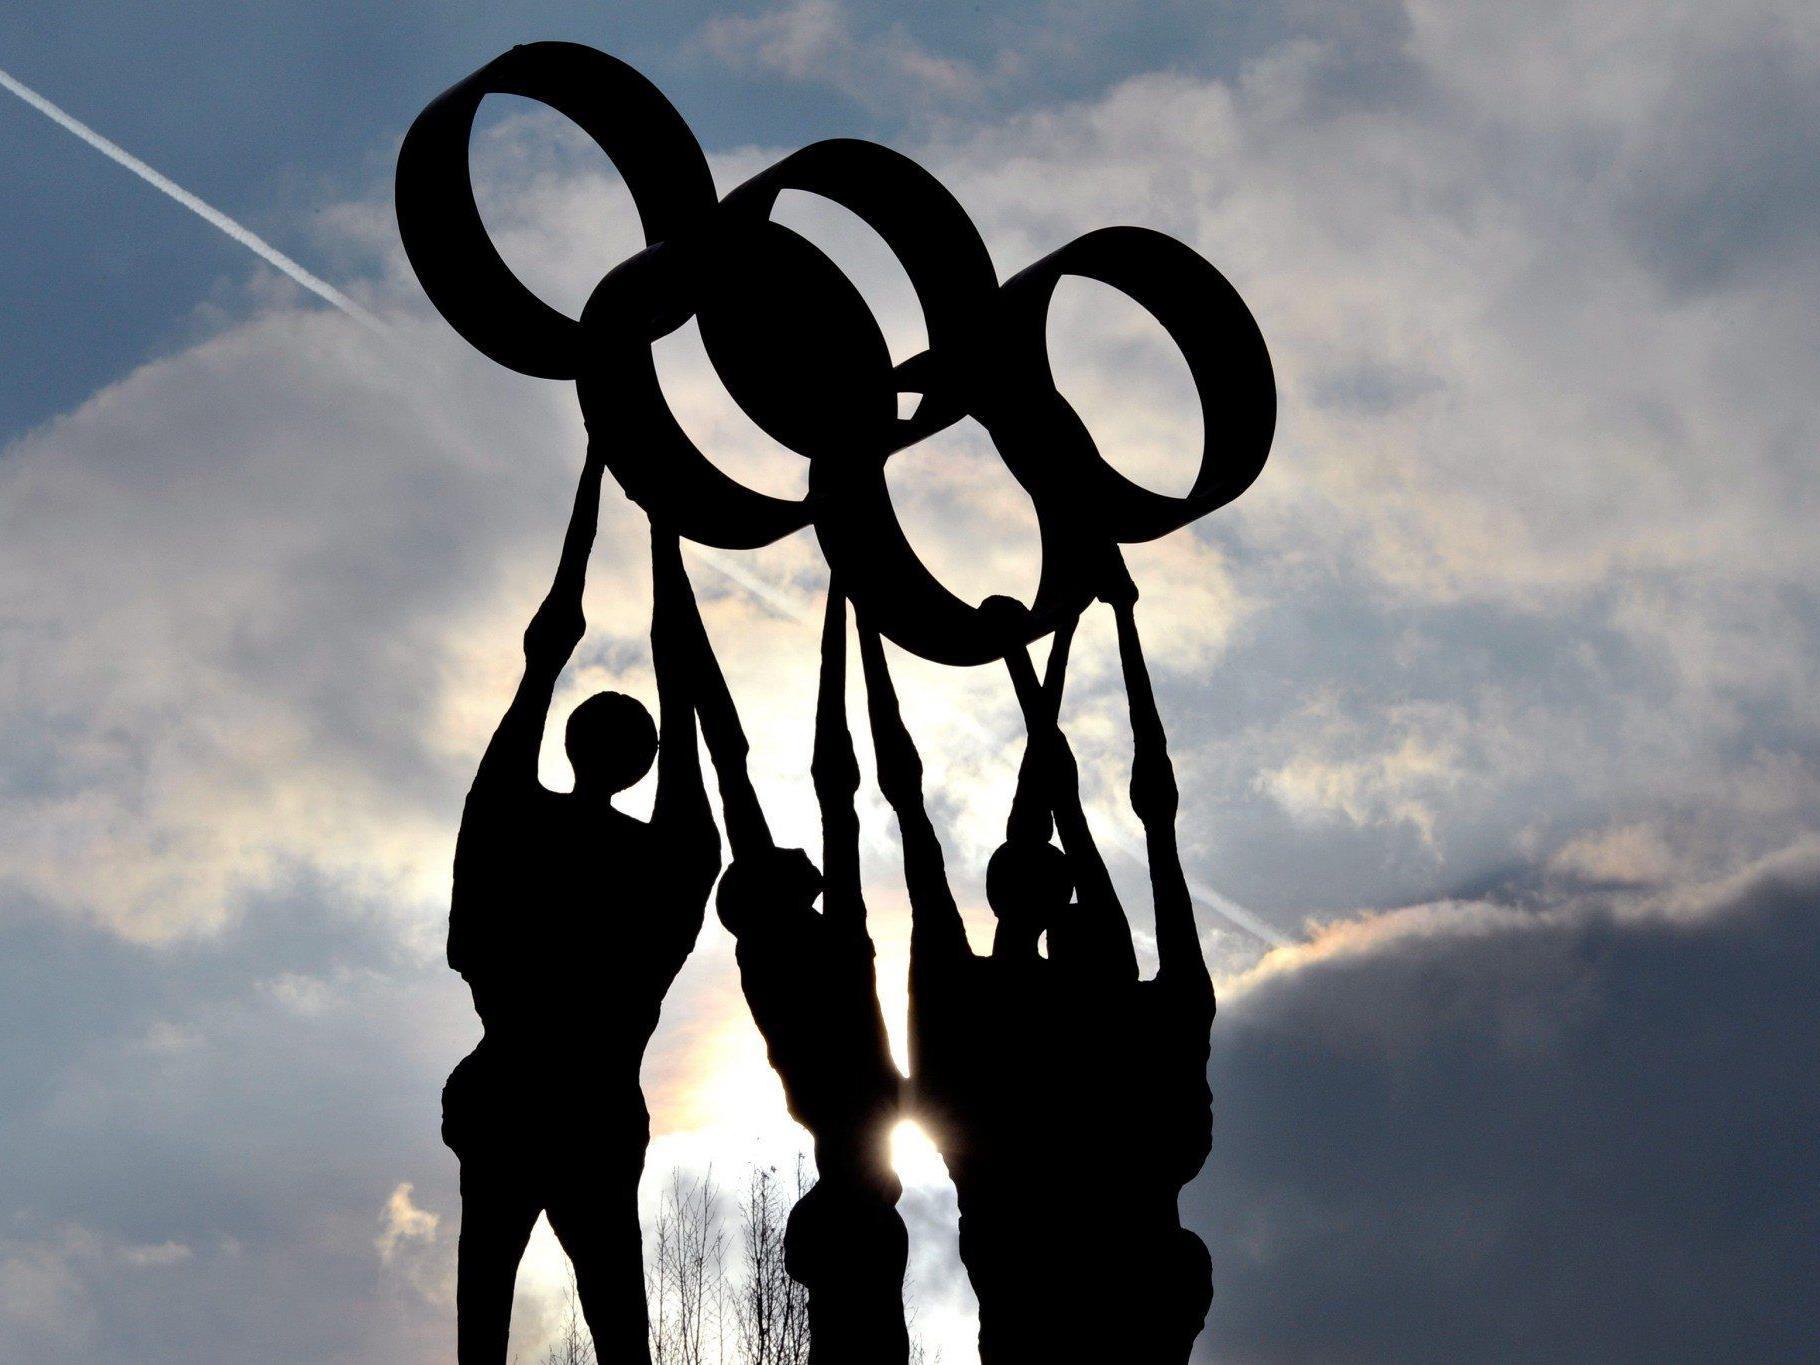 Bei den Olympischen Winterspielen in Sotschi wird den kanadischen Sportlern eine besondere Erfrischung angeboten: Bier aus der Heimat.